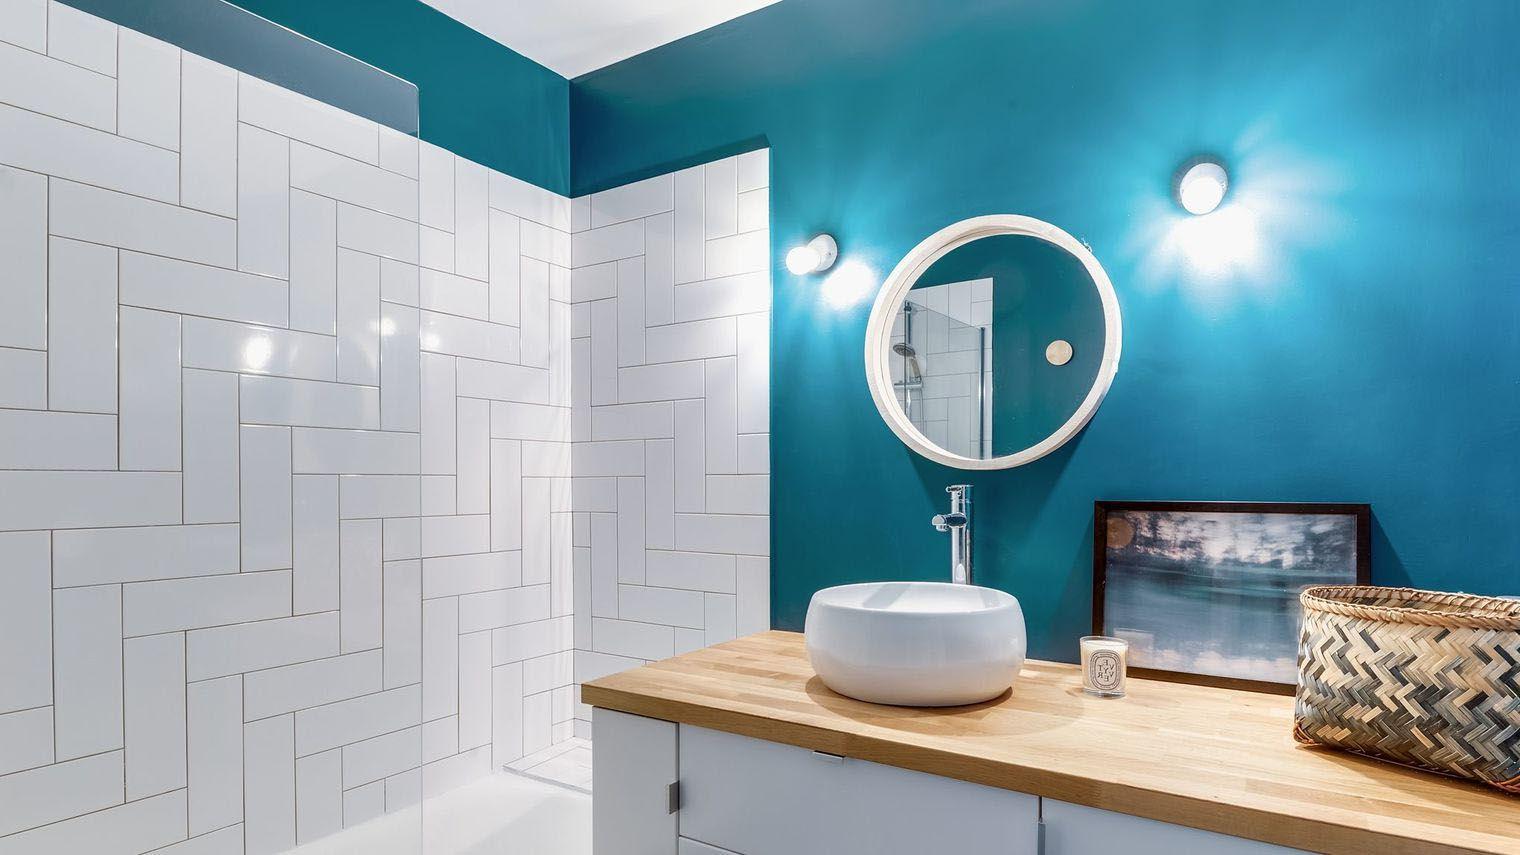 Peinture Salle De Bain 40 Idees De Couleurs Pour Une Deco Tendance Diy Bathroom Decor Creative Bathroom Design Painting Bathroom